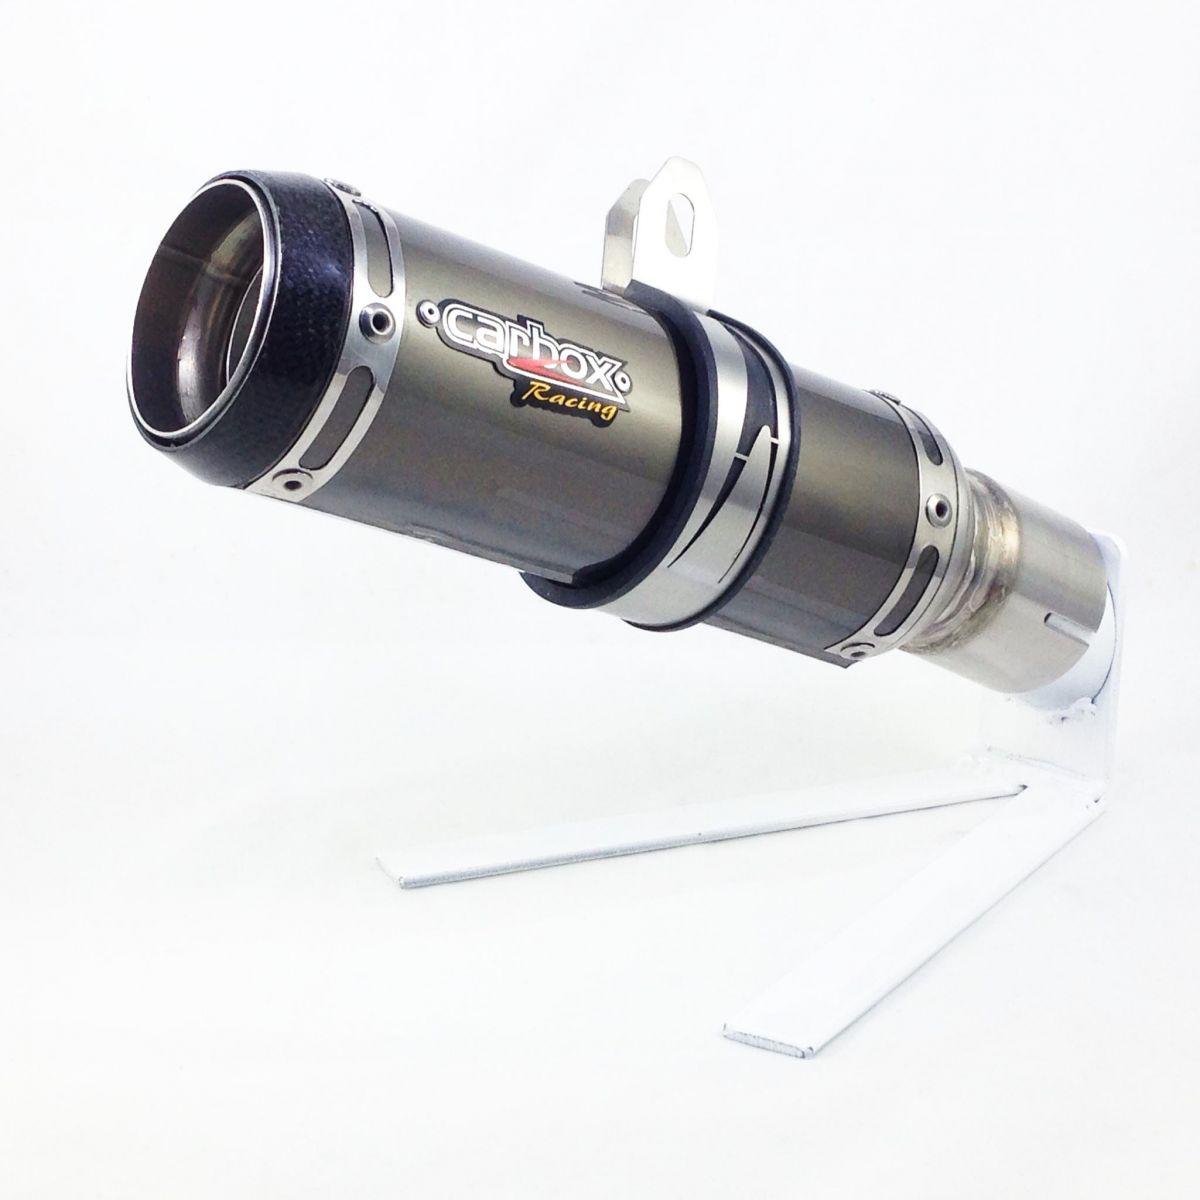 Ponteira Escapamento Full 4x2x1 Gp Tech Inox Cbr 600f 12 A 14